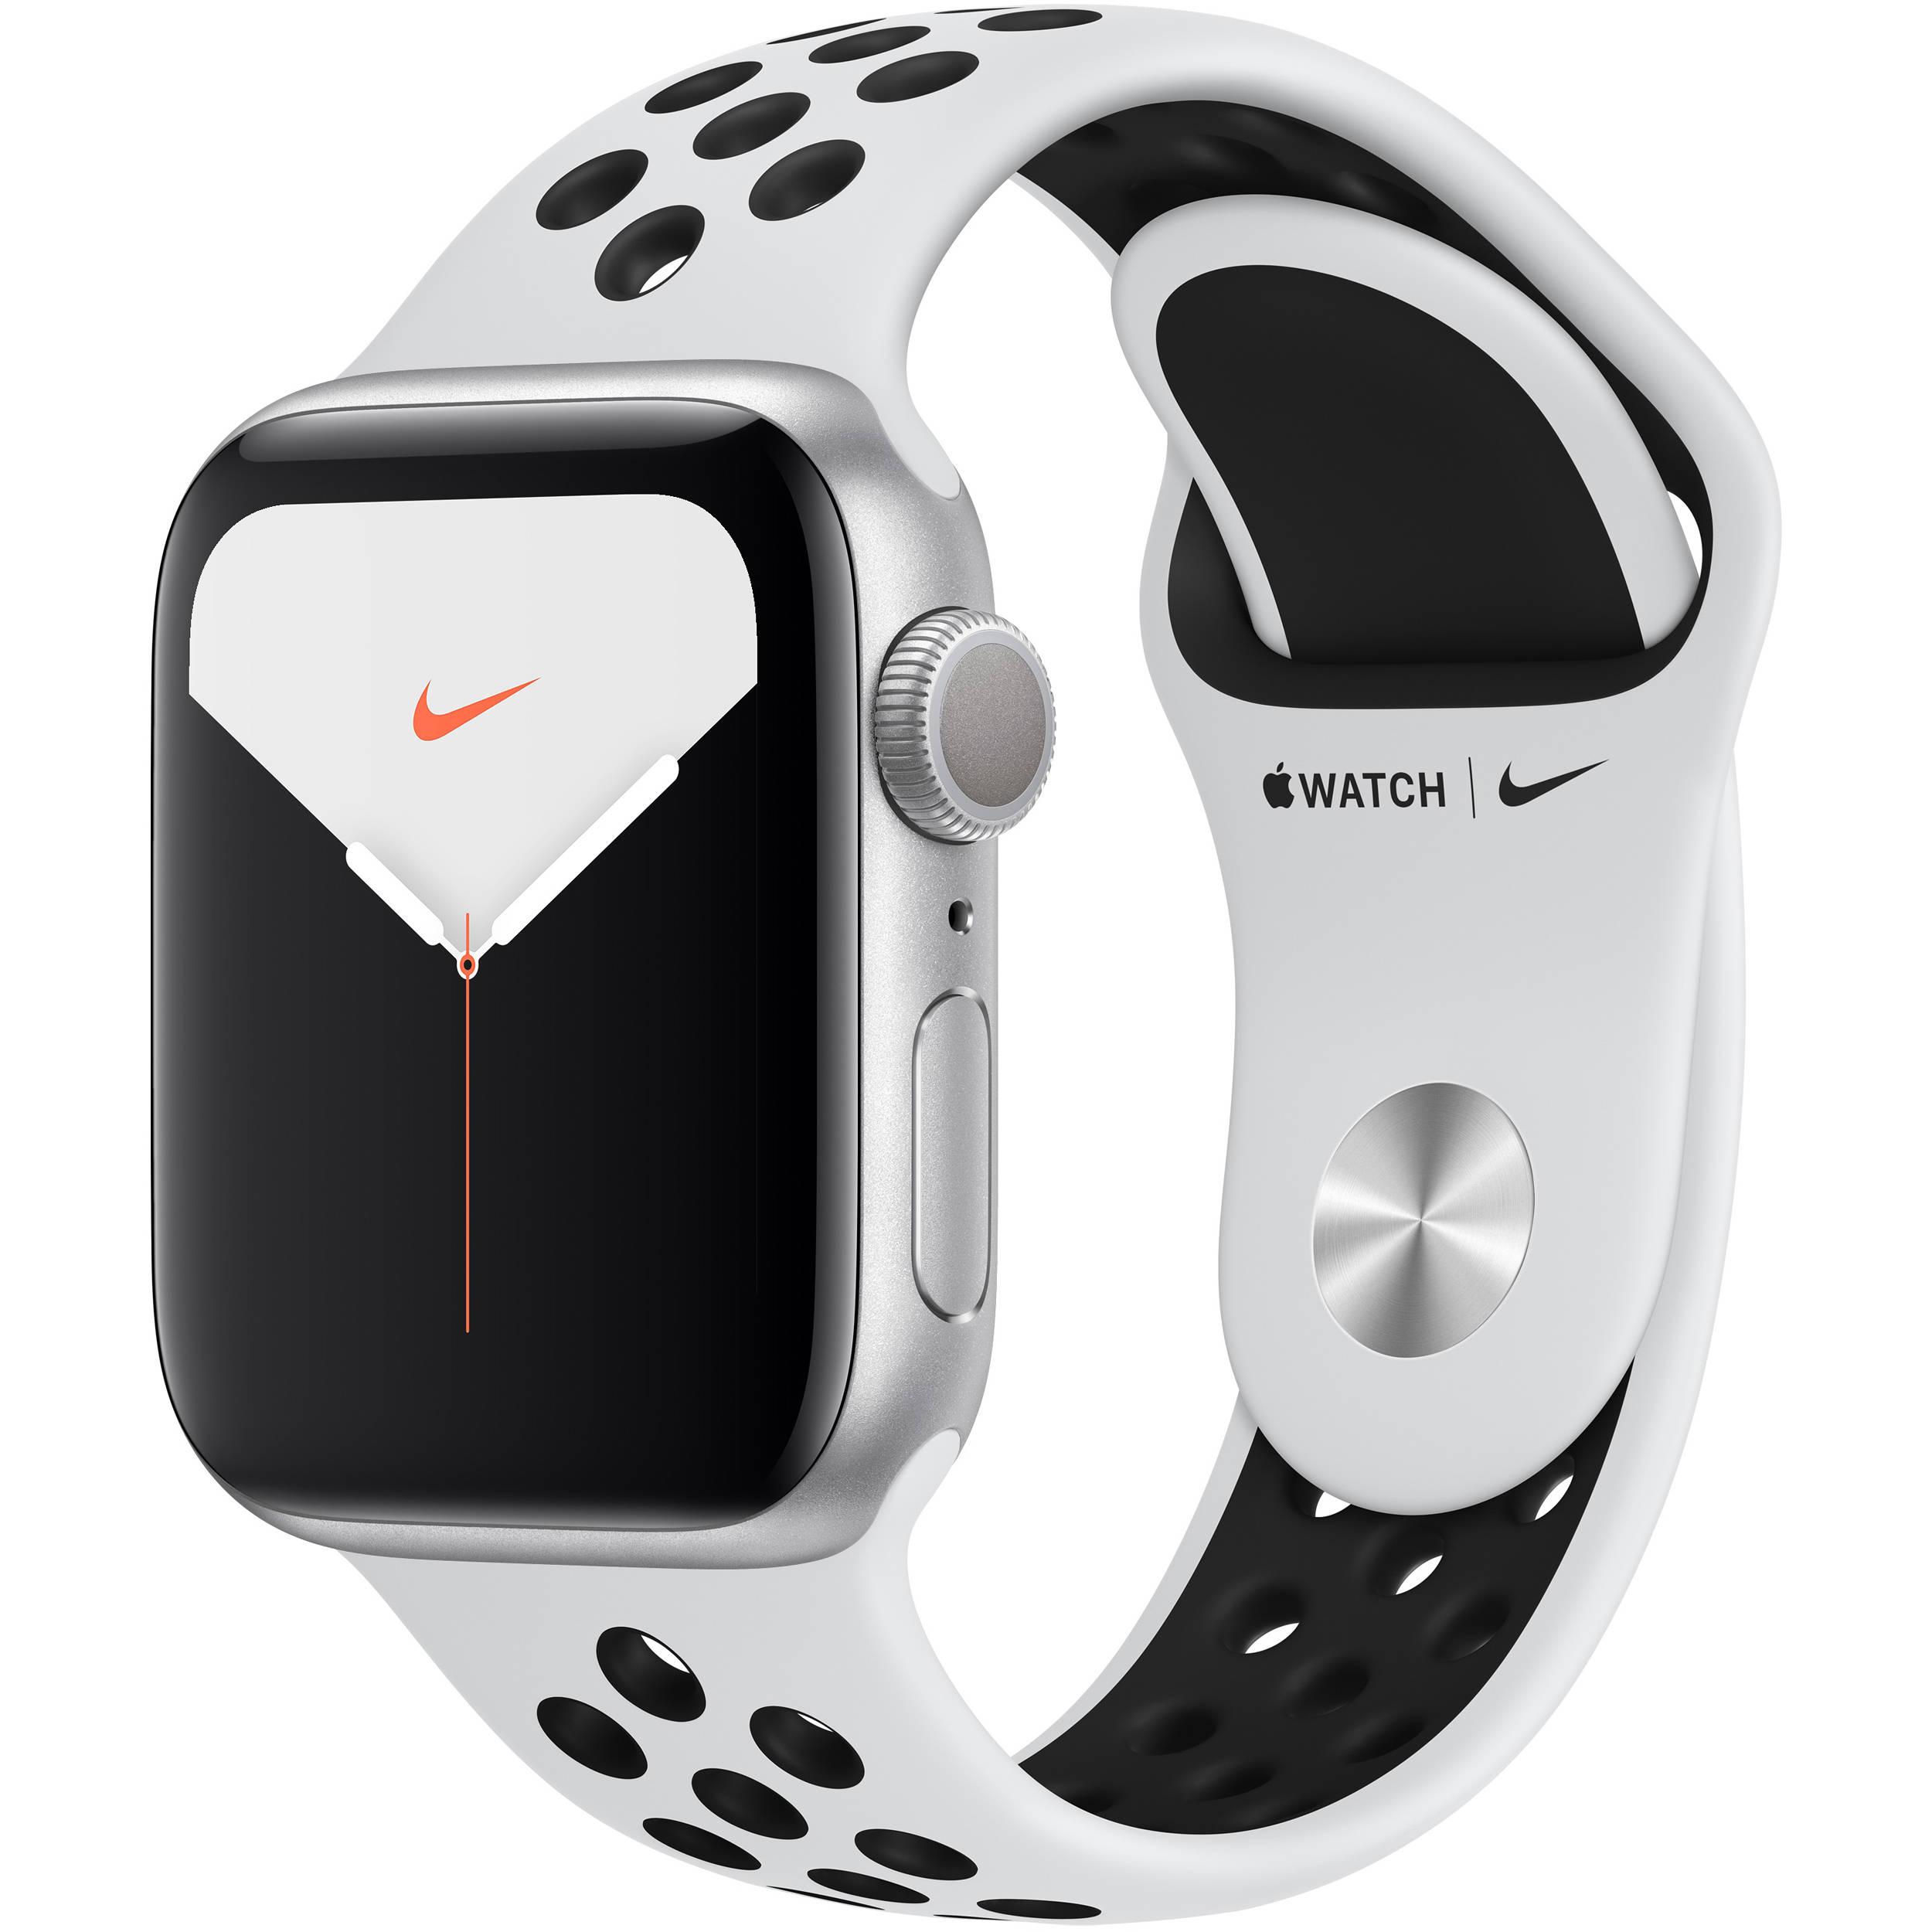 Eh horno Alabama  Apple Watch Series 5 MX3R2LL/A B&H Photo Video